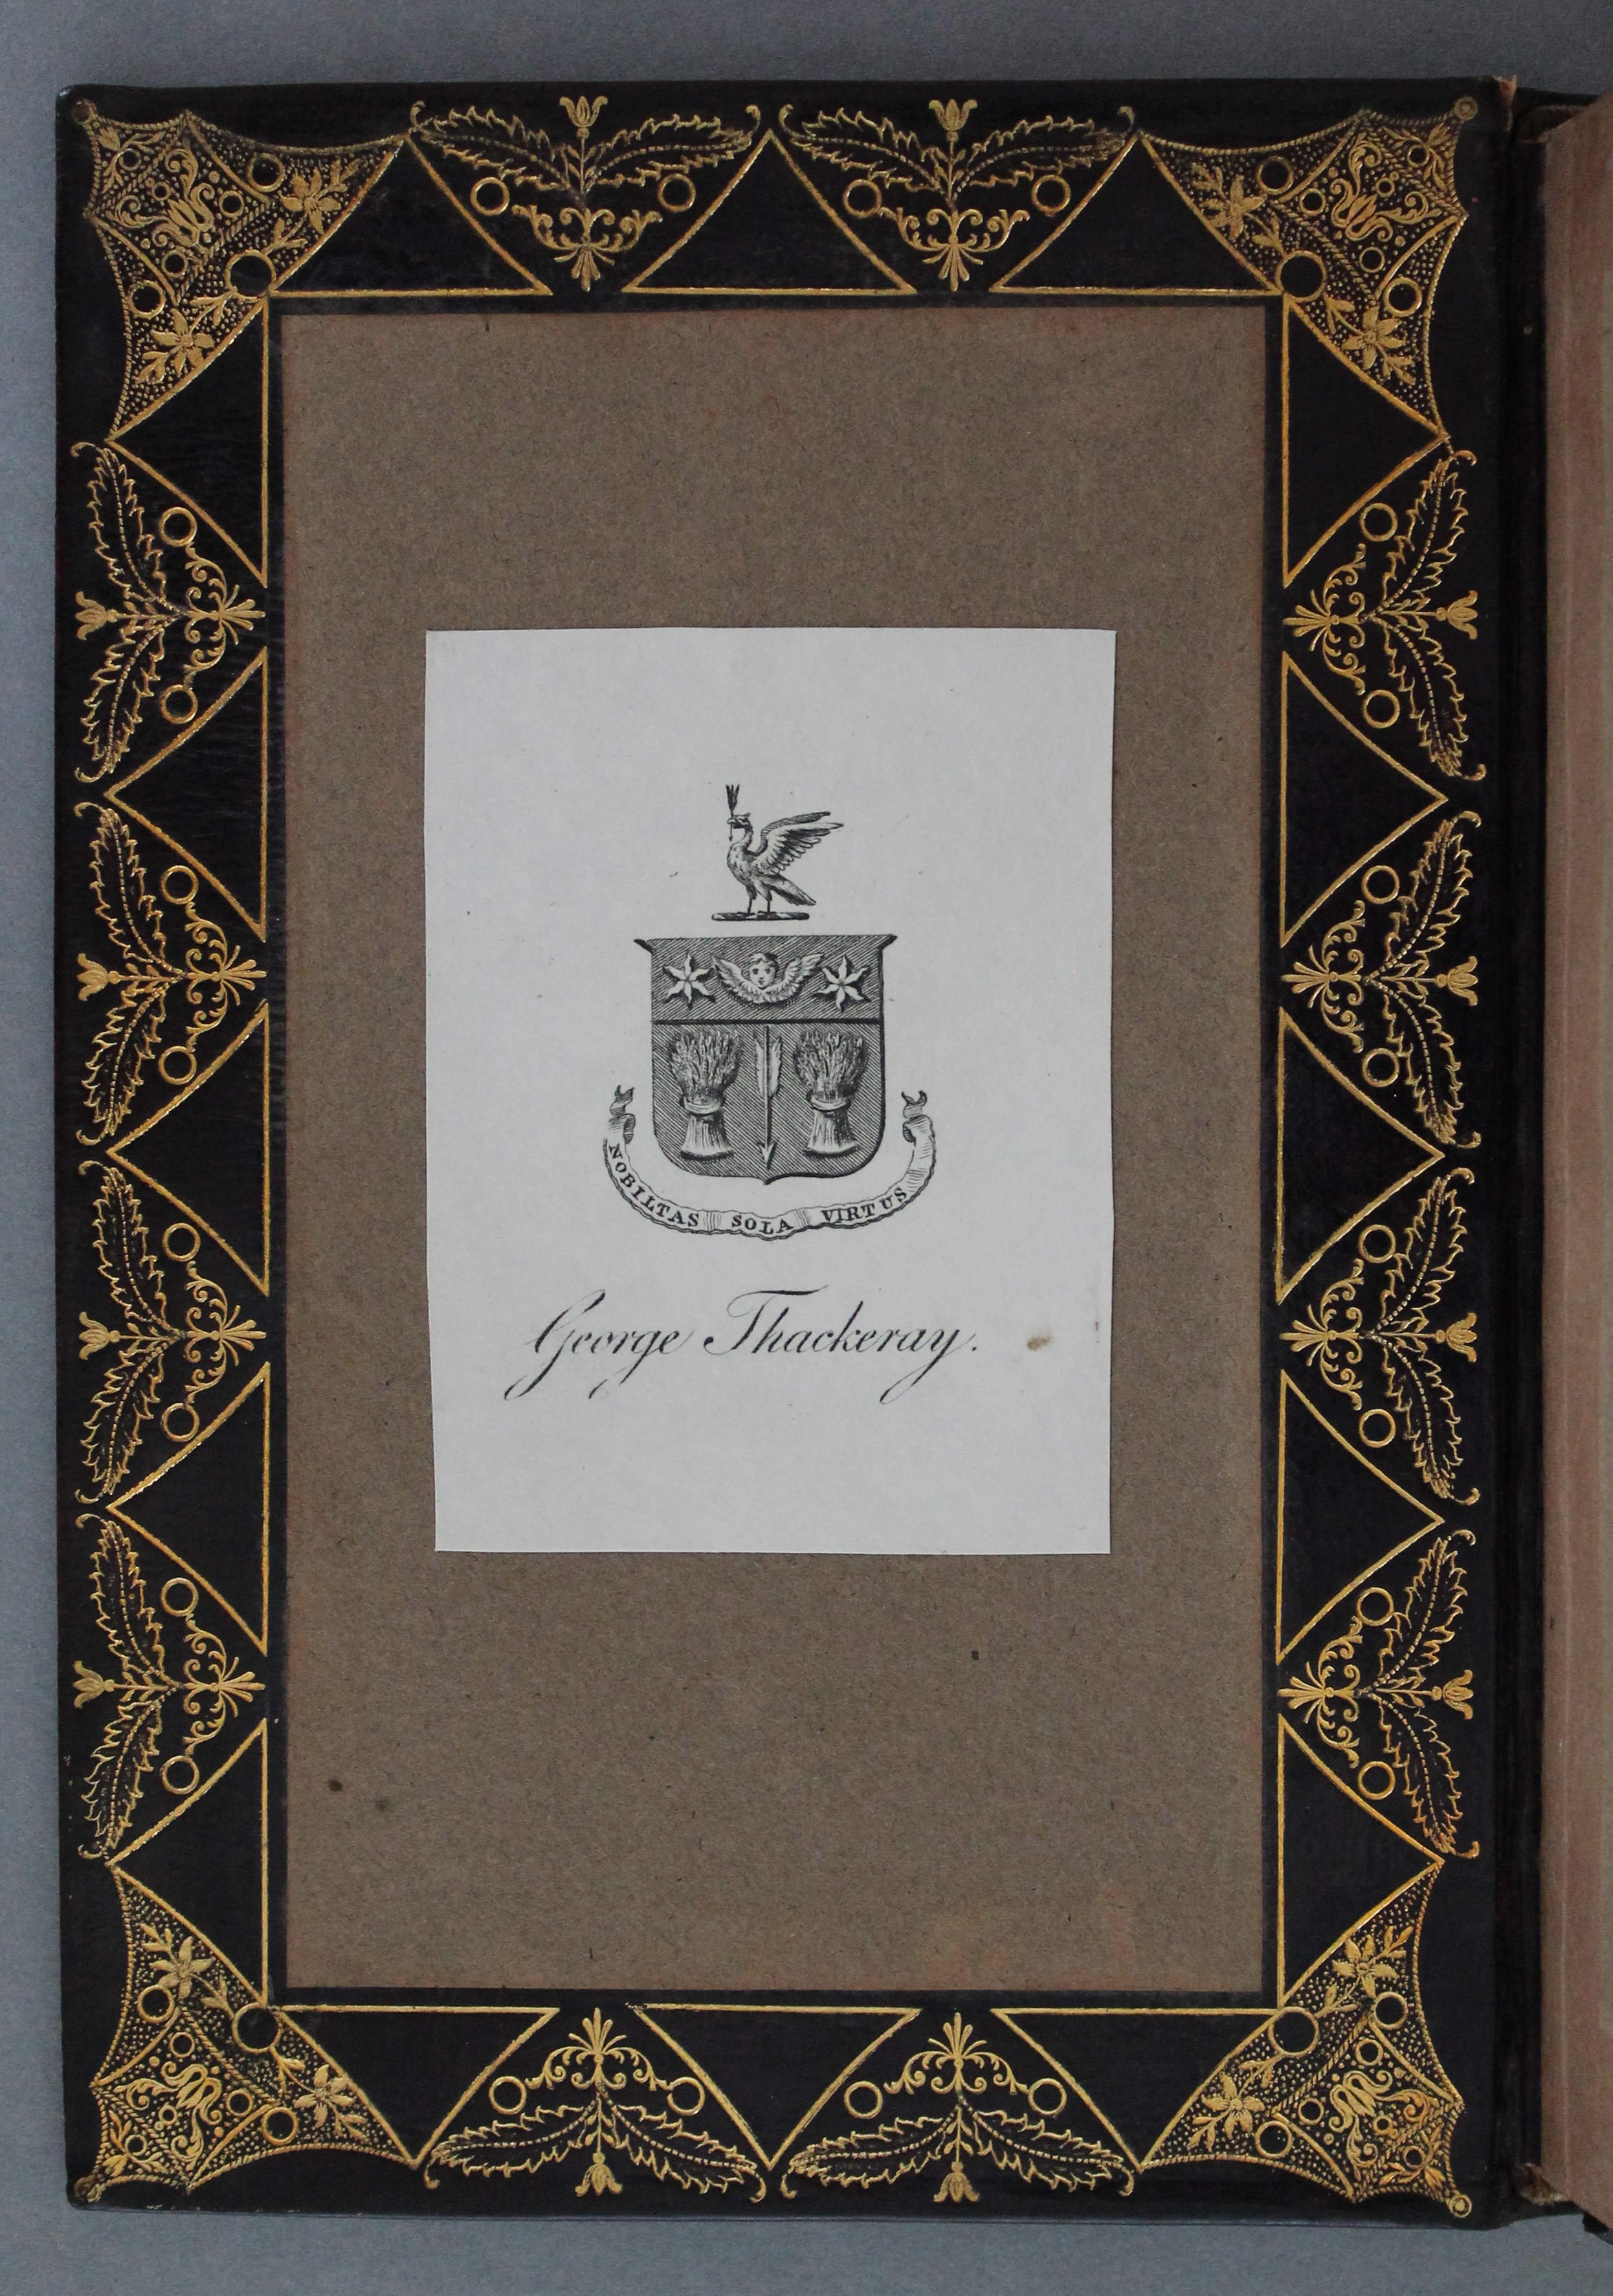 Thackeray.I.8.19_inside front binding